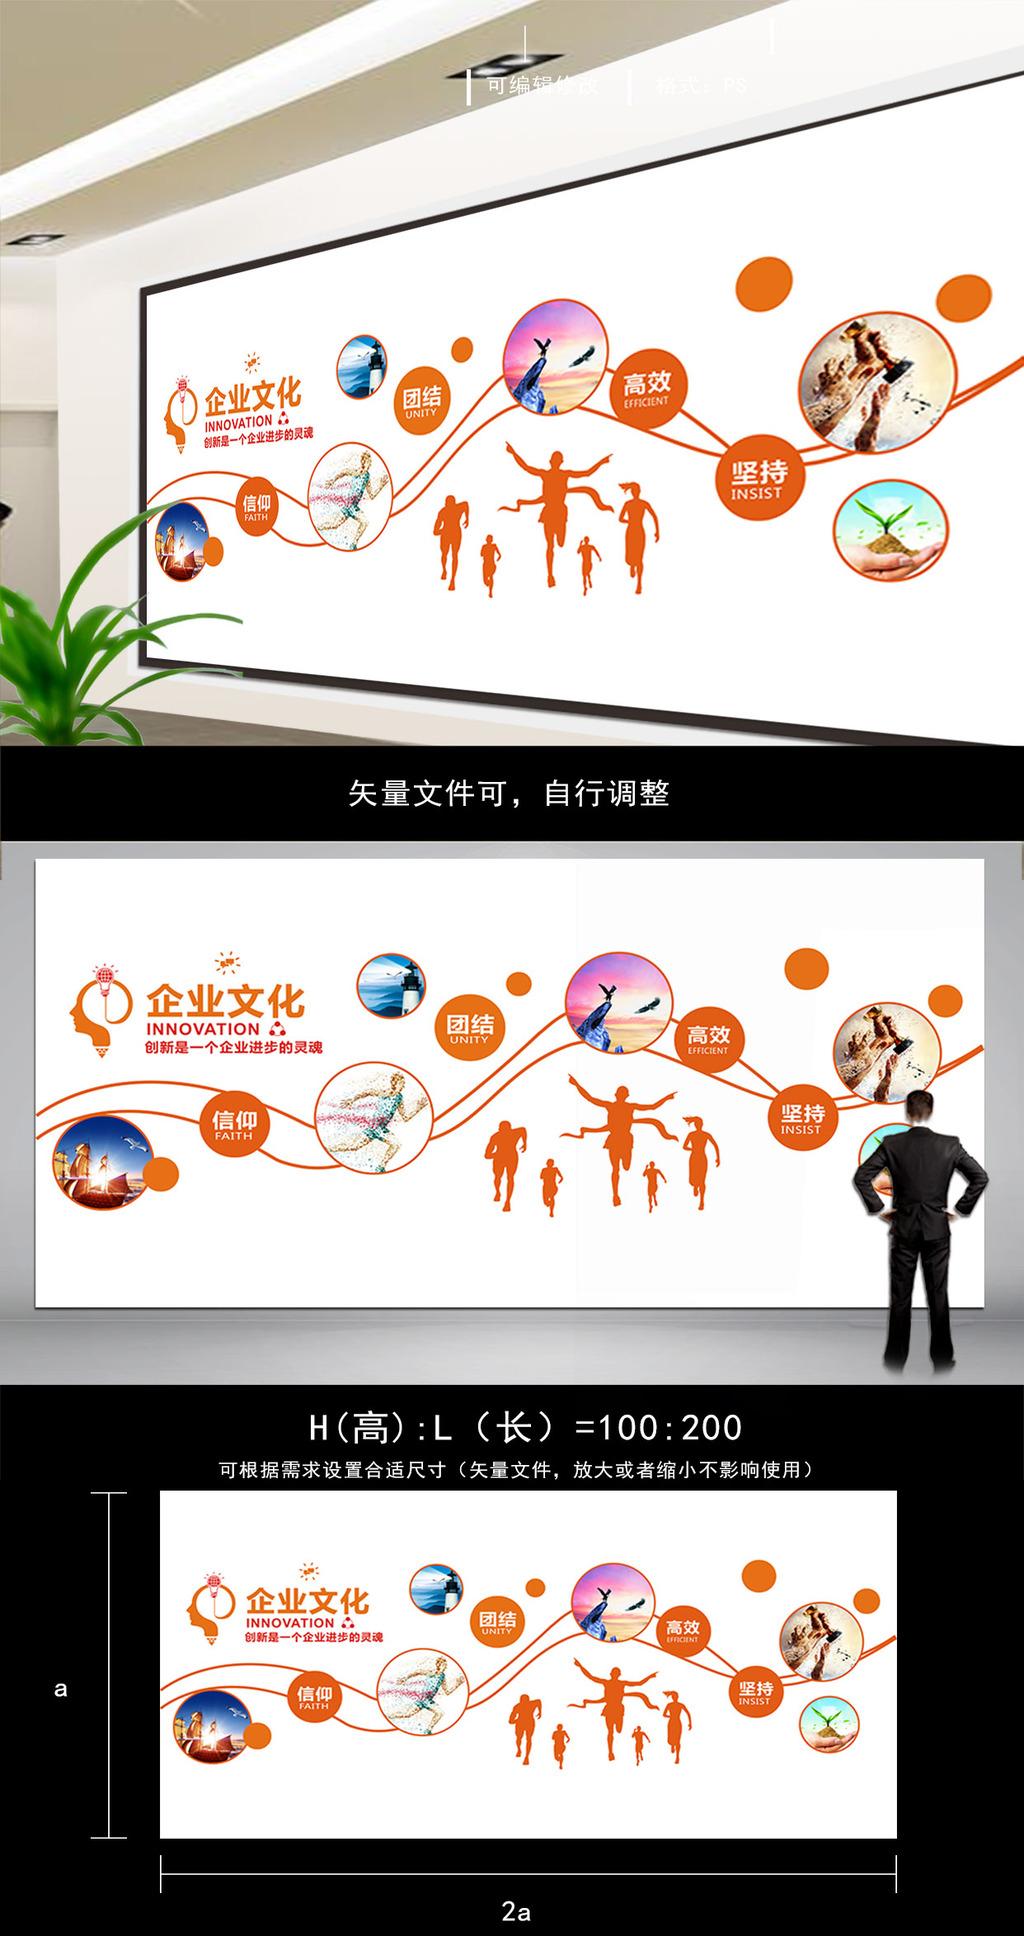 微立体企业文化墙活动室办公室形象墙图片设计素材 高清其他模板图片